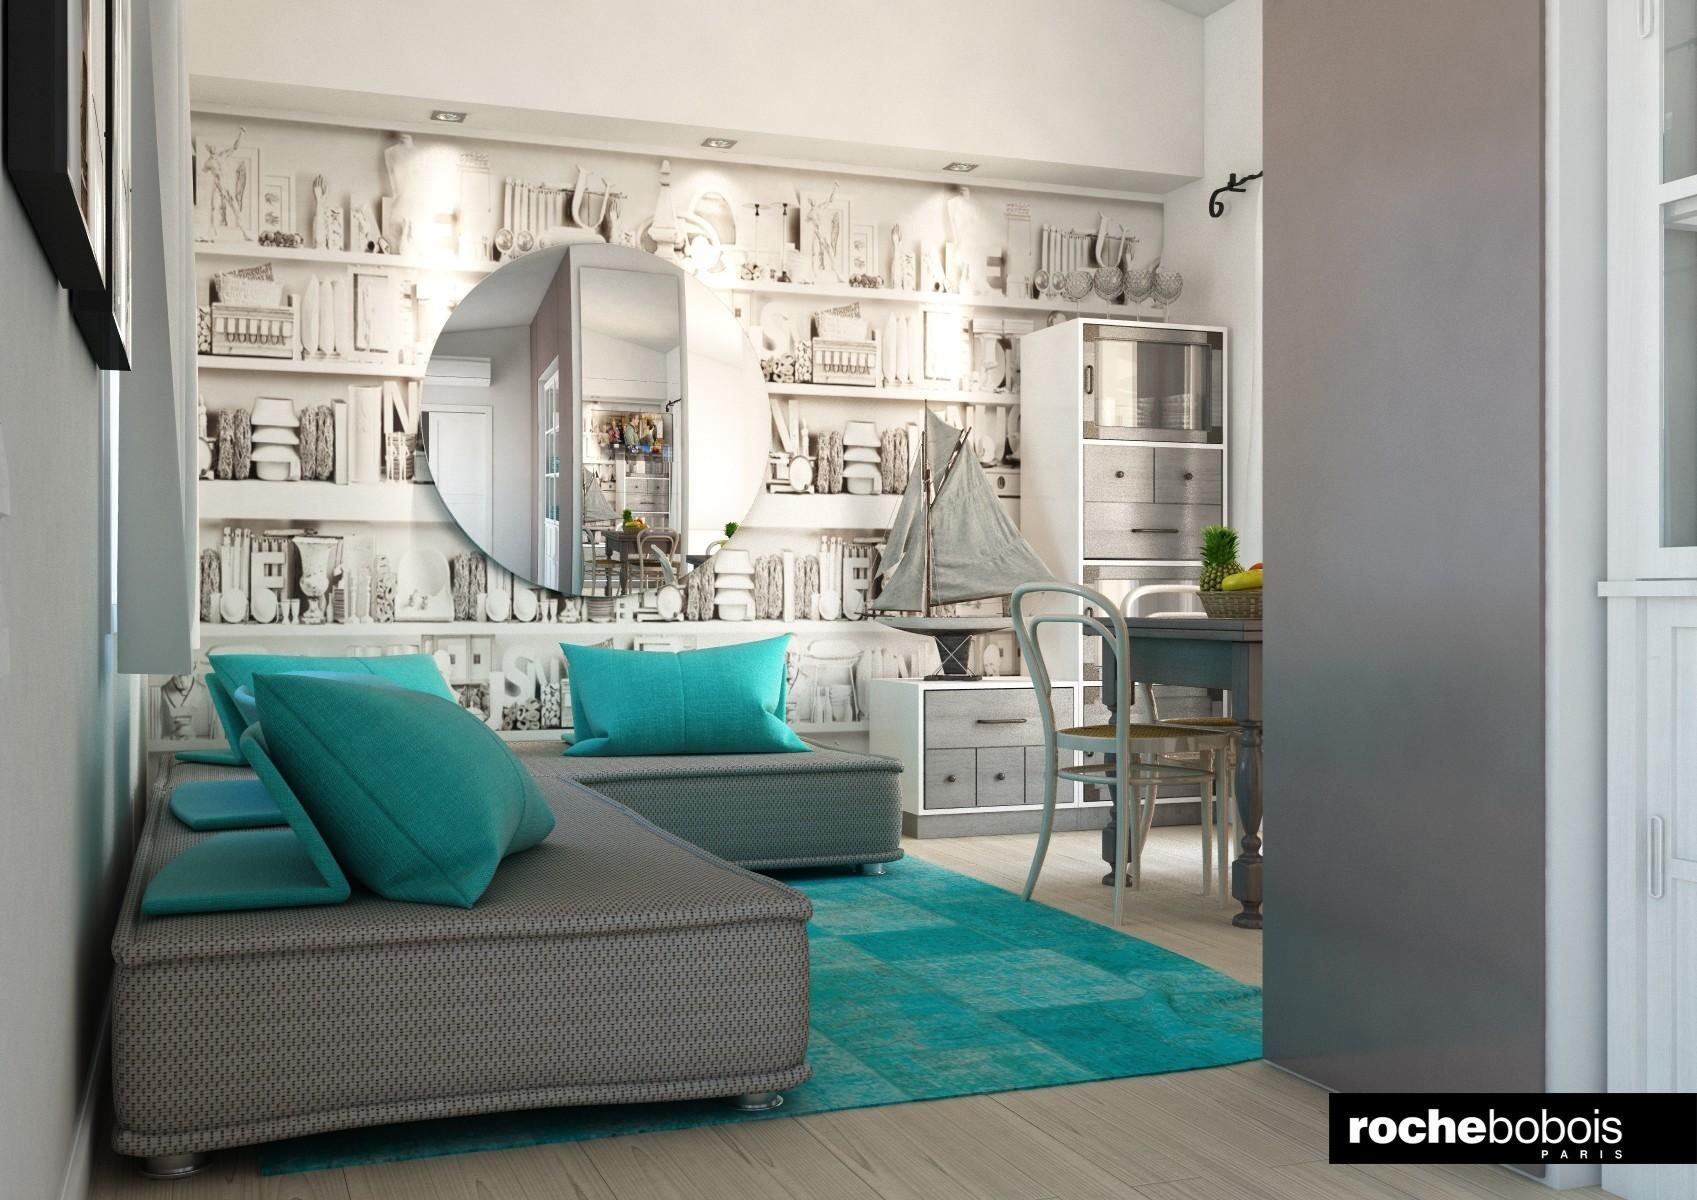 Divano Roche Bobois Usato.Ristrutturazione E Arredamento Casa Al Mare Picture Gallery